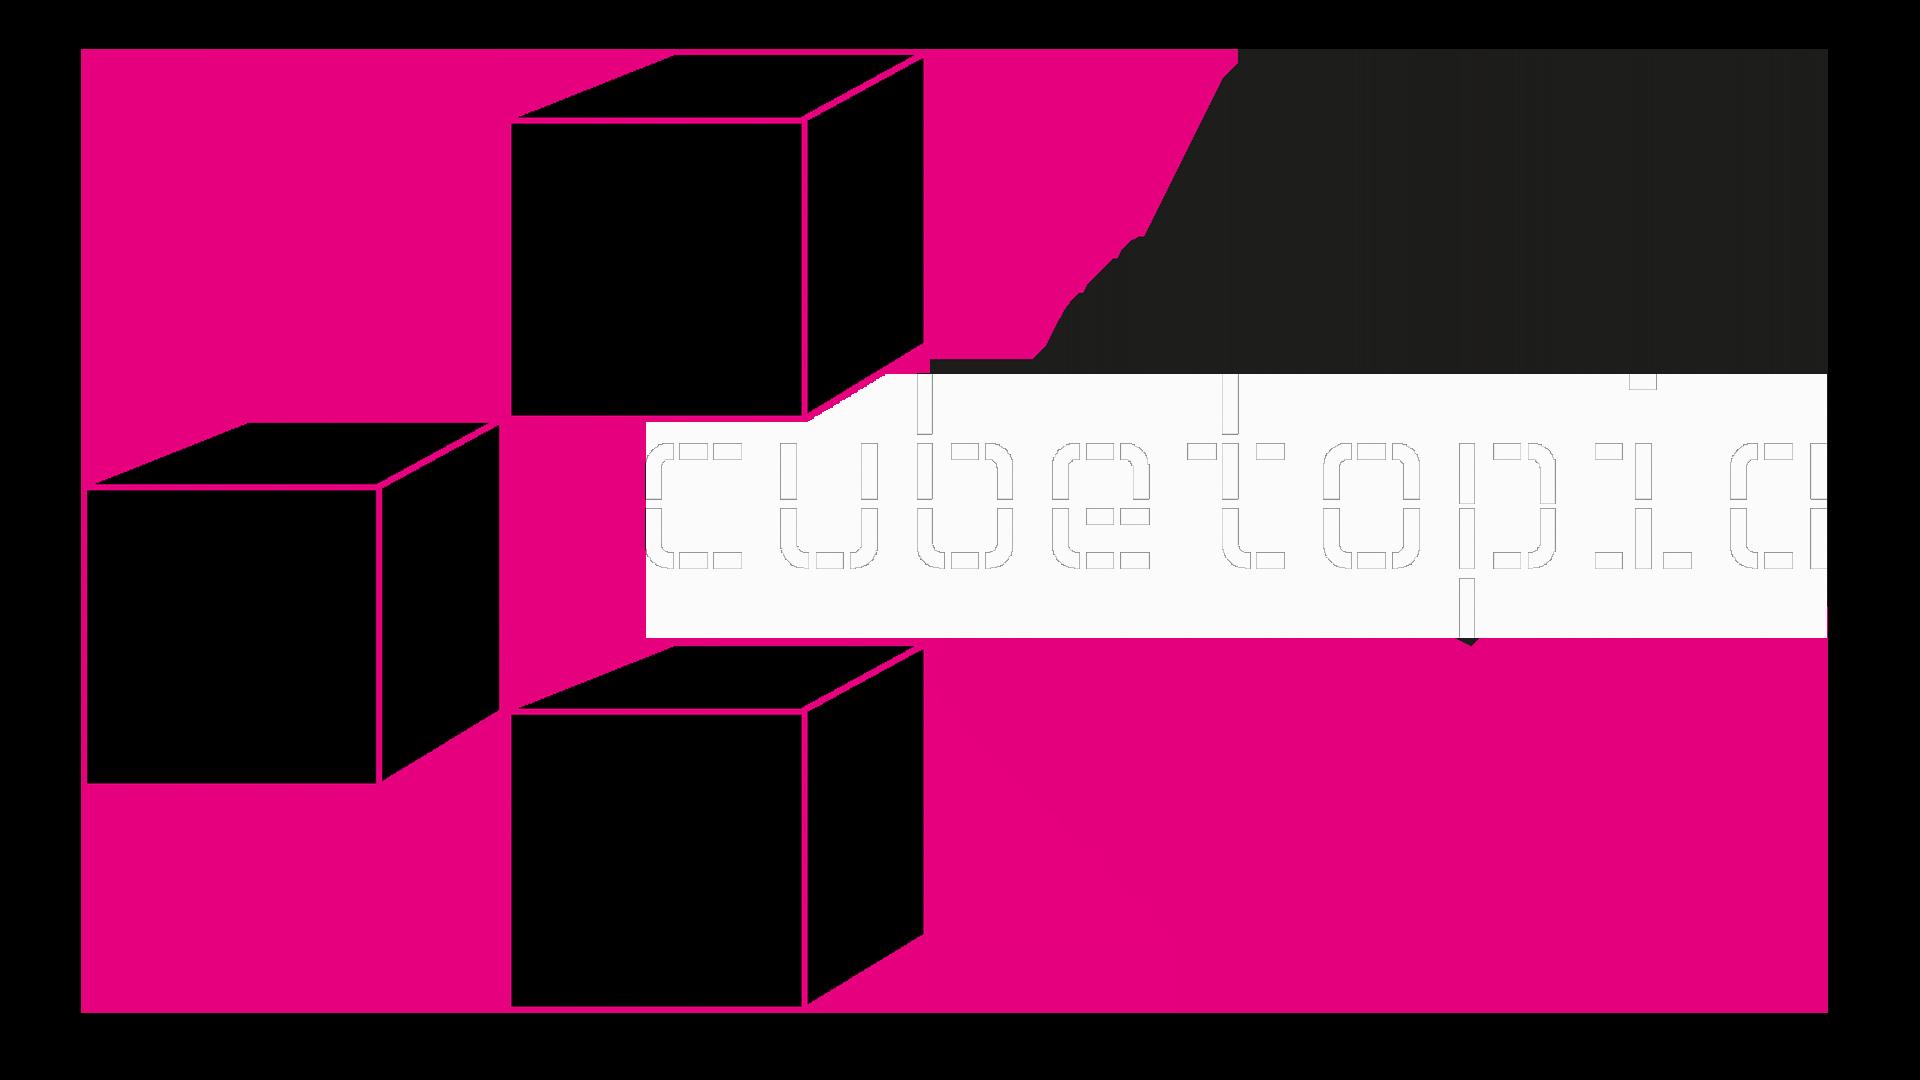 Cubetopia